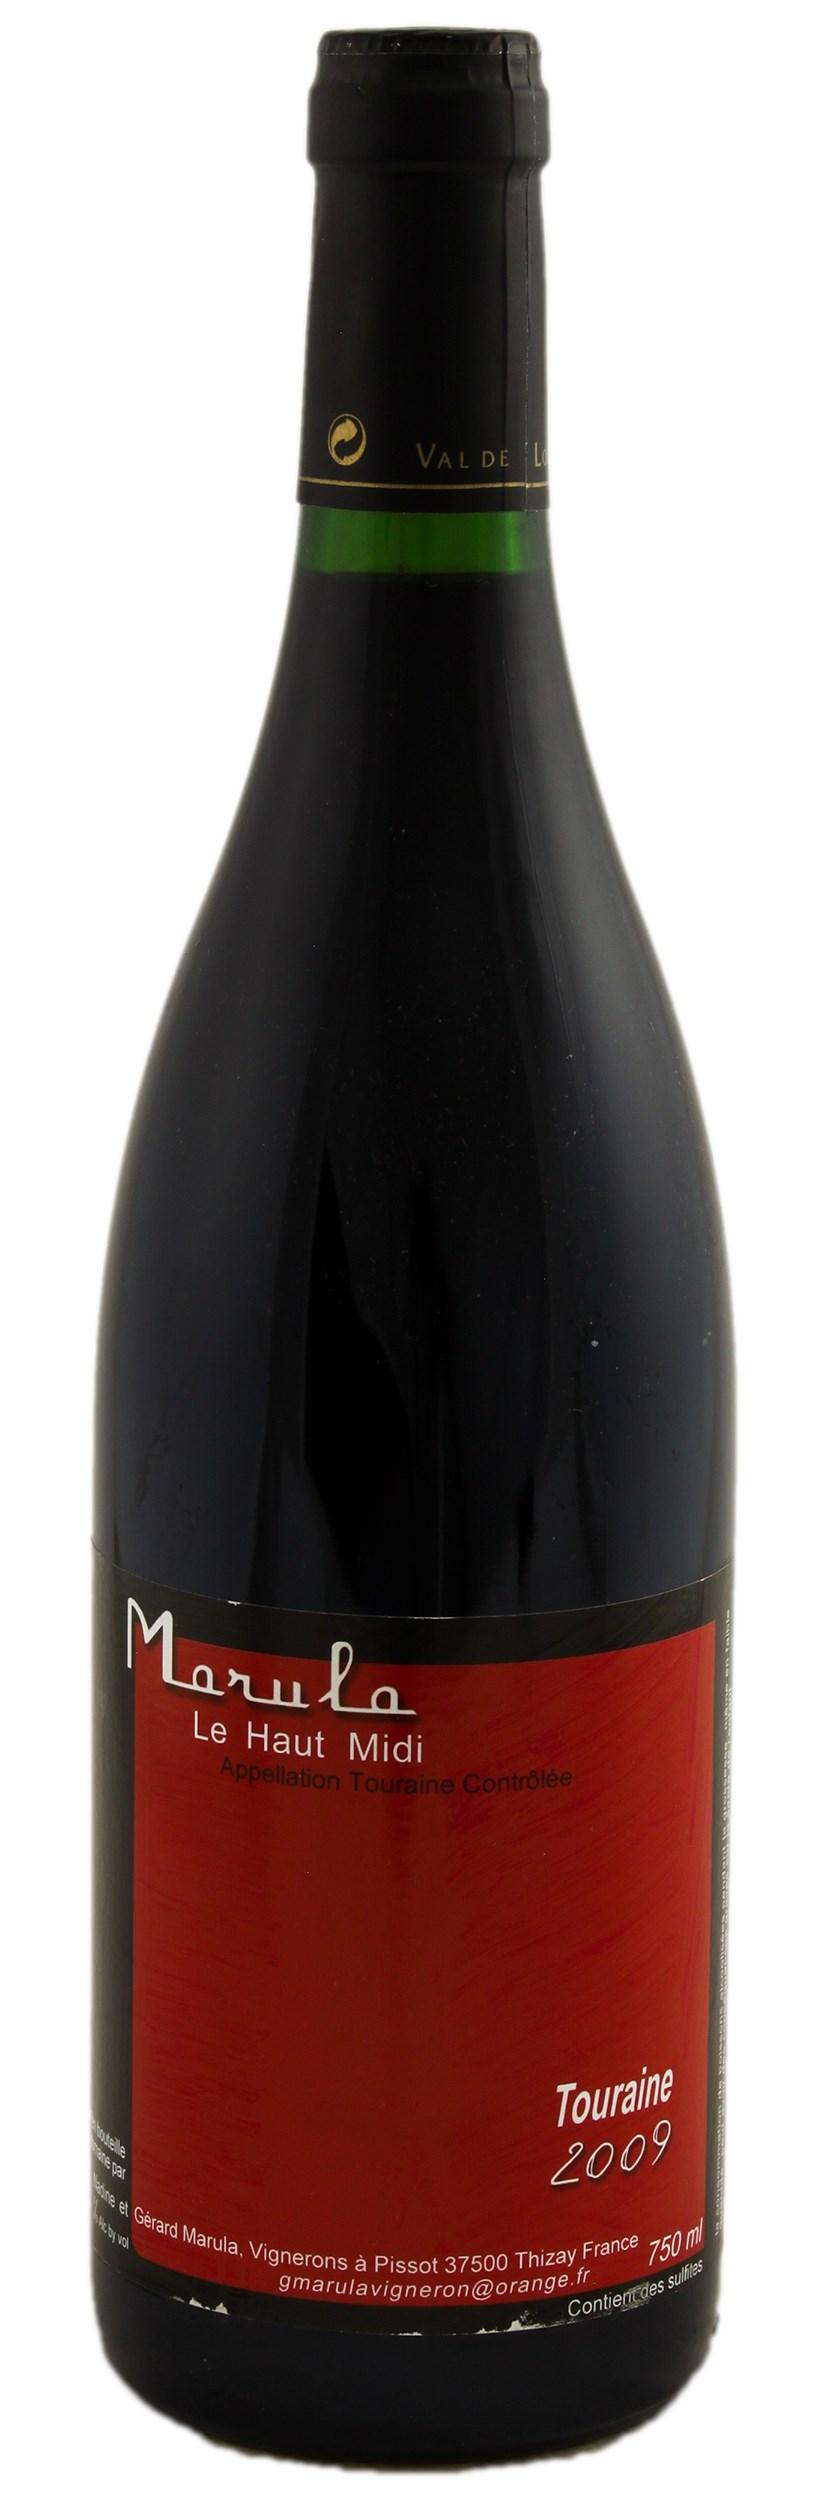 marula wine